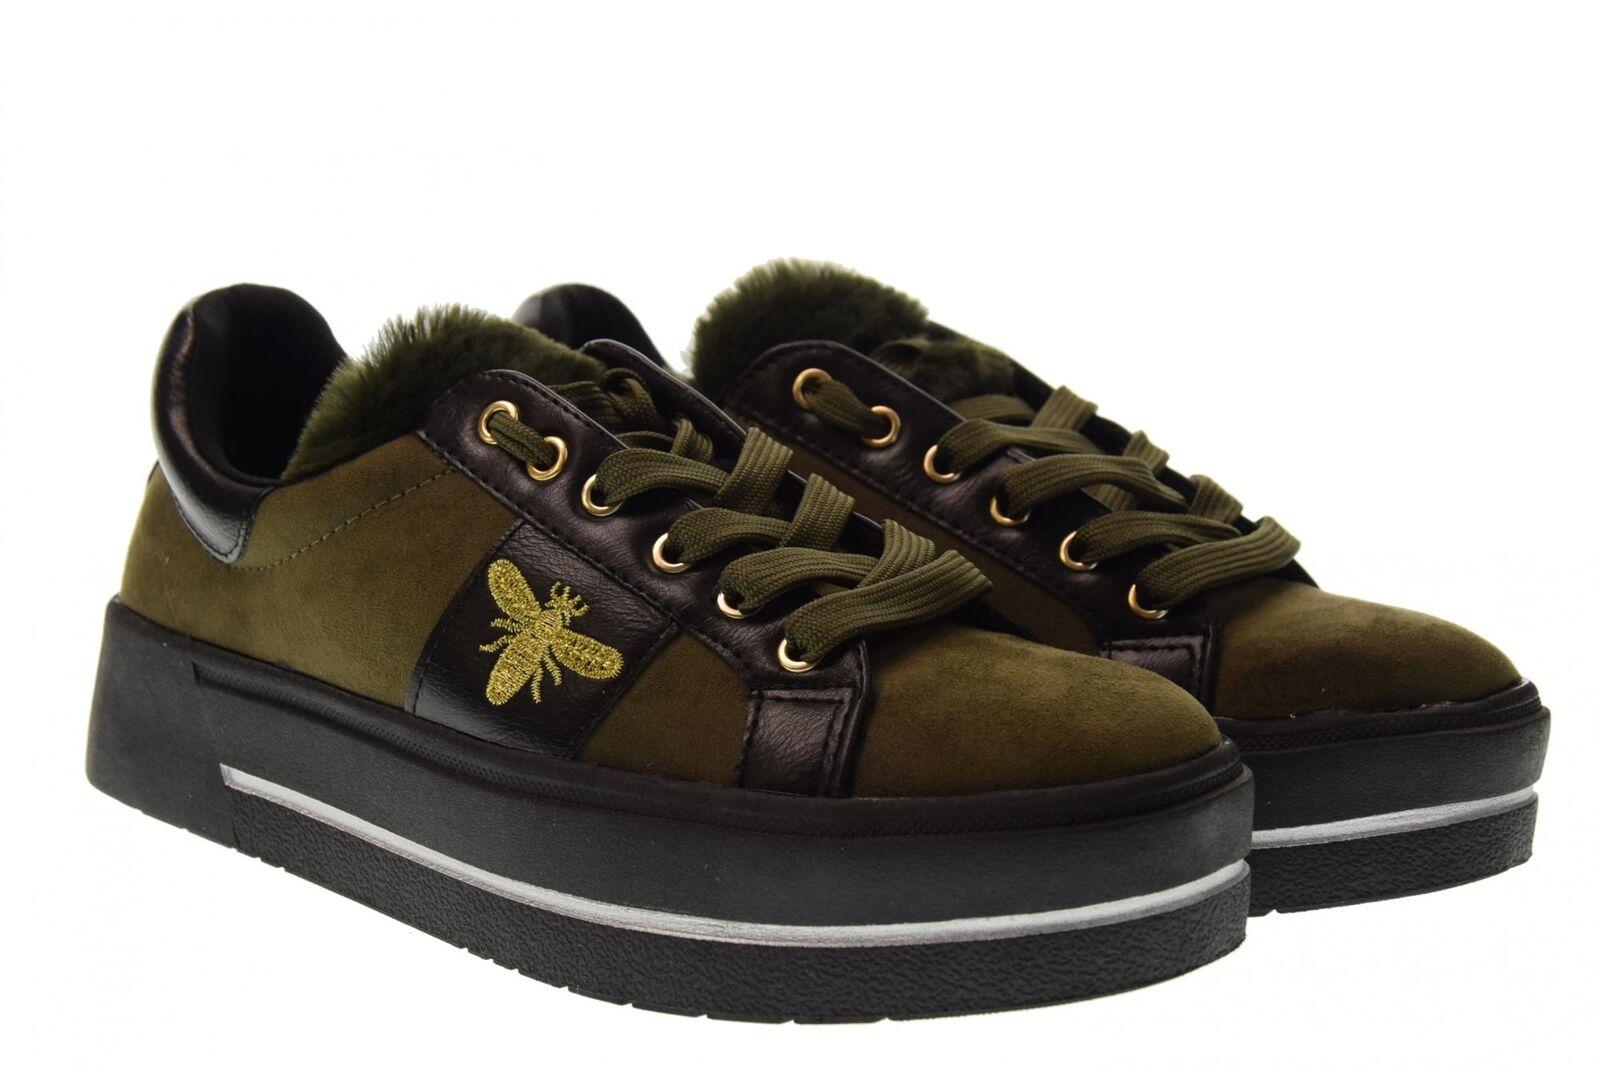 B3d zapatos A18s zapatos mujer zapatillas zapatillas zapatillas bajas plataforma 41577 caqui  precio razonable